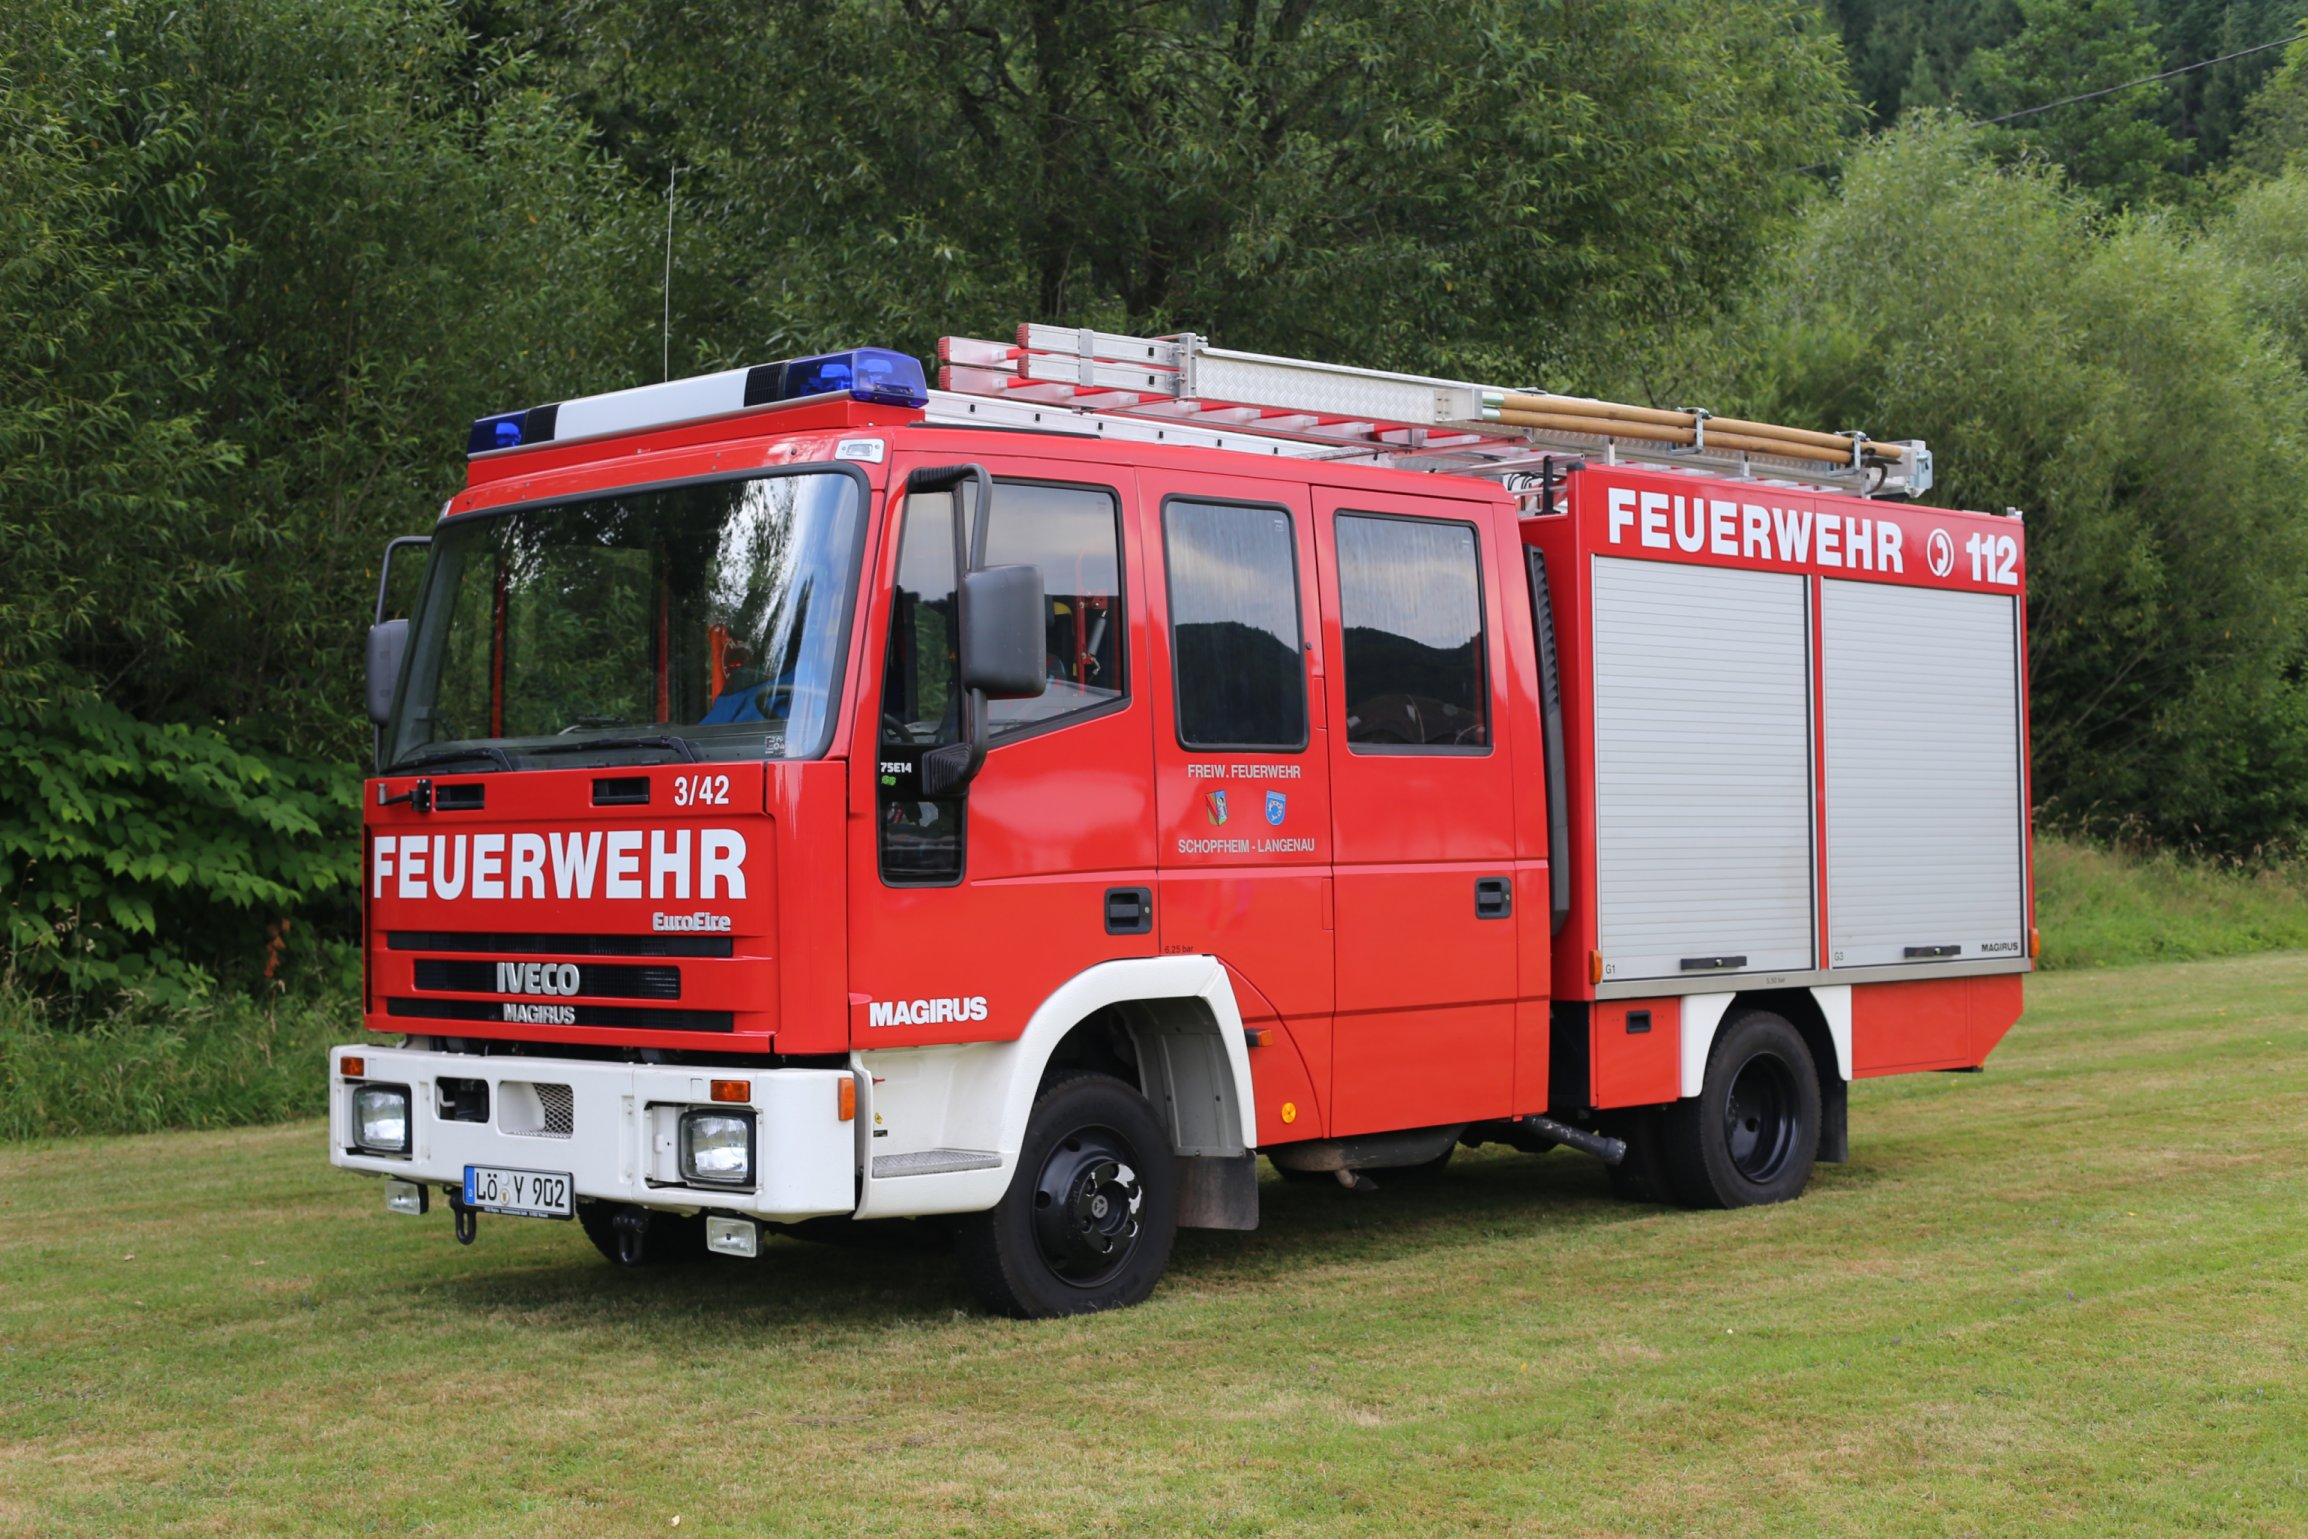 LF8/6 Iveco, Funkname Schopfheim 3/42, Bj. 1999